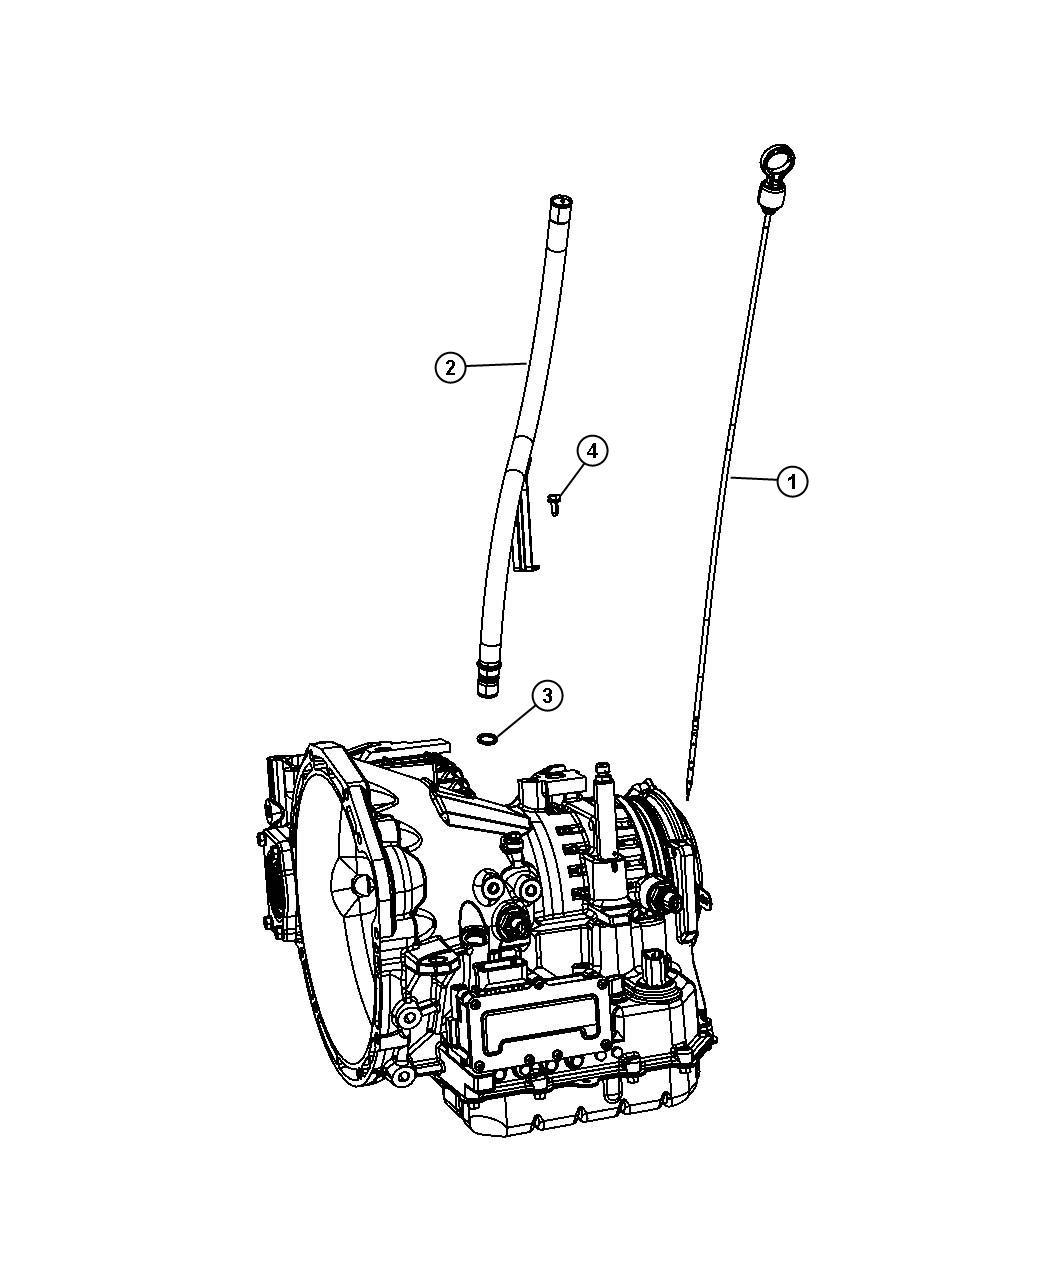 2009 Dodge Journey Indicator  Transmission Fluid Level